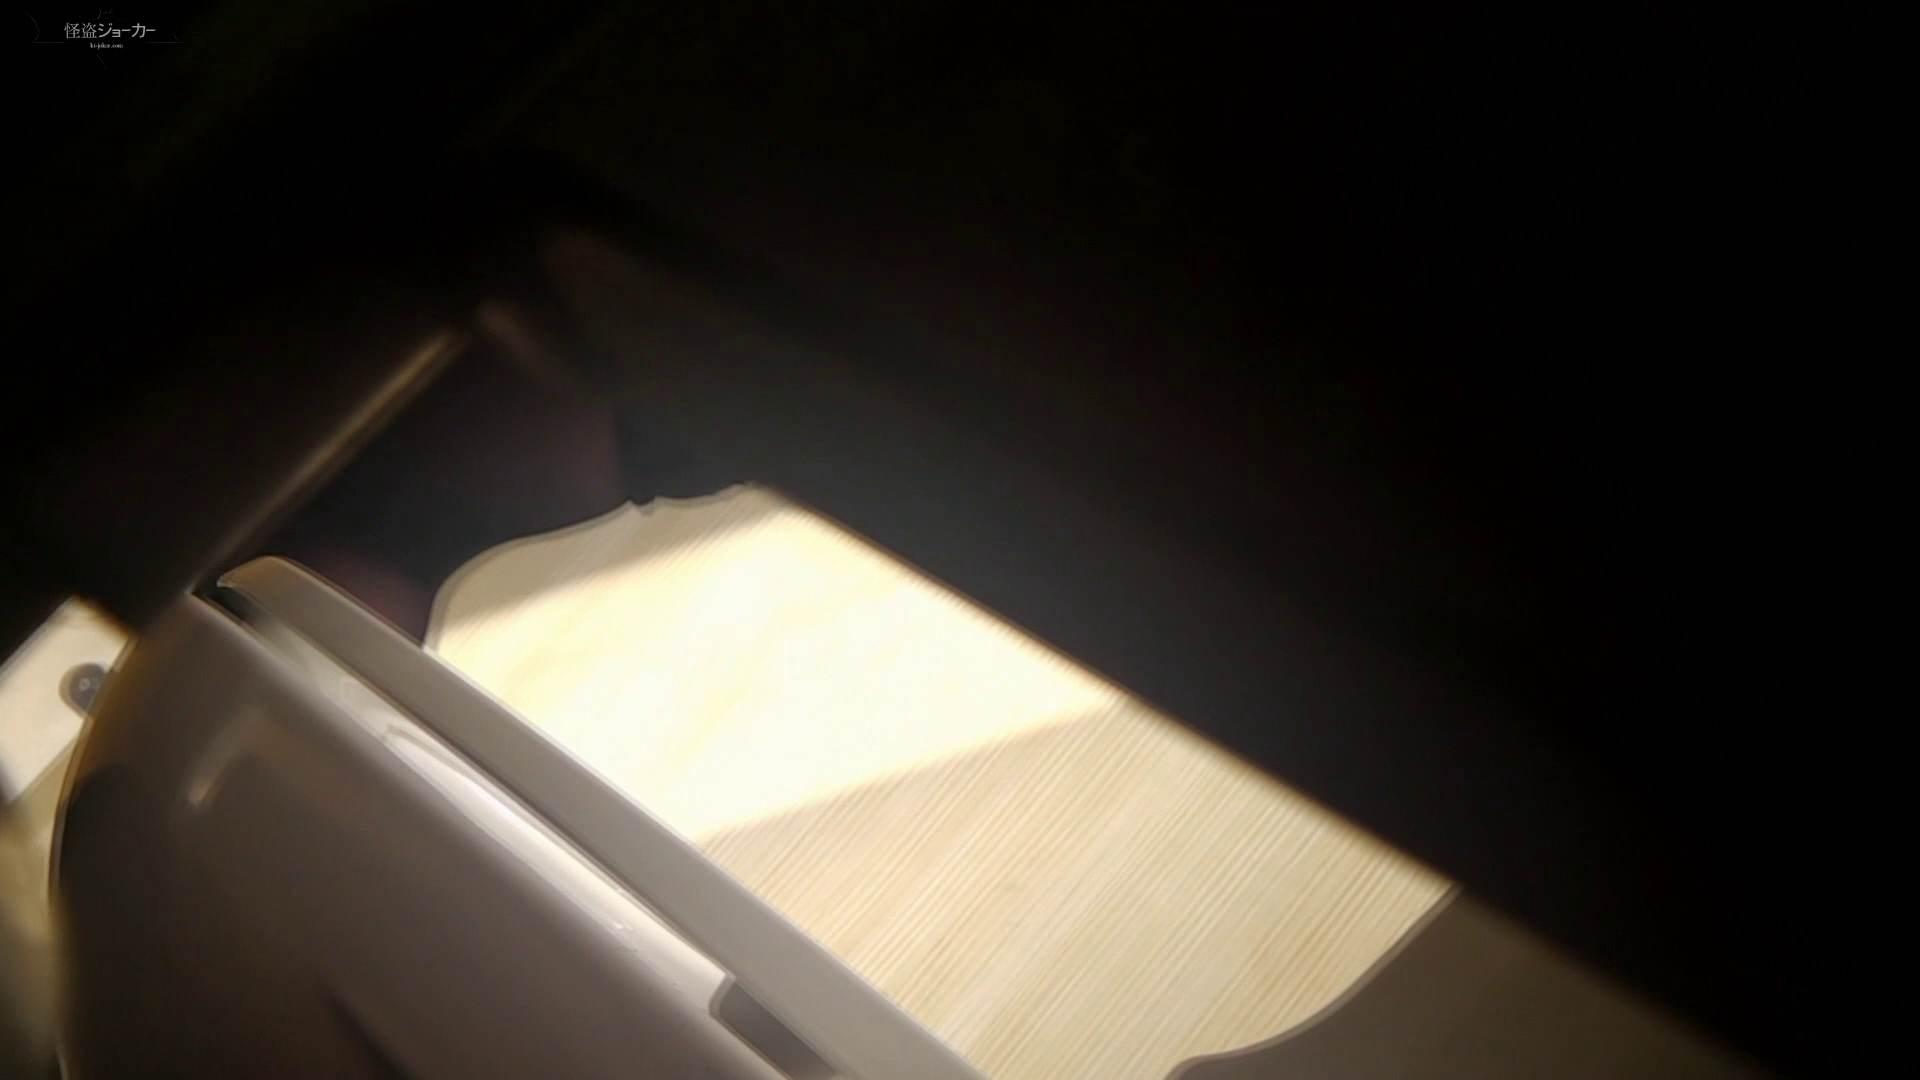 阿国ちゃんの和式洋式七変化 Vol.25 ん?突起物が・・・。 エッチなお姉さん | 高画質動画  30画像 29